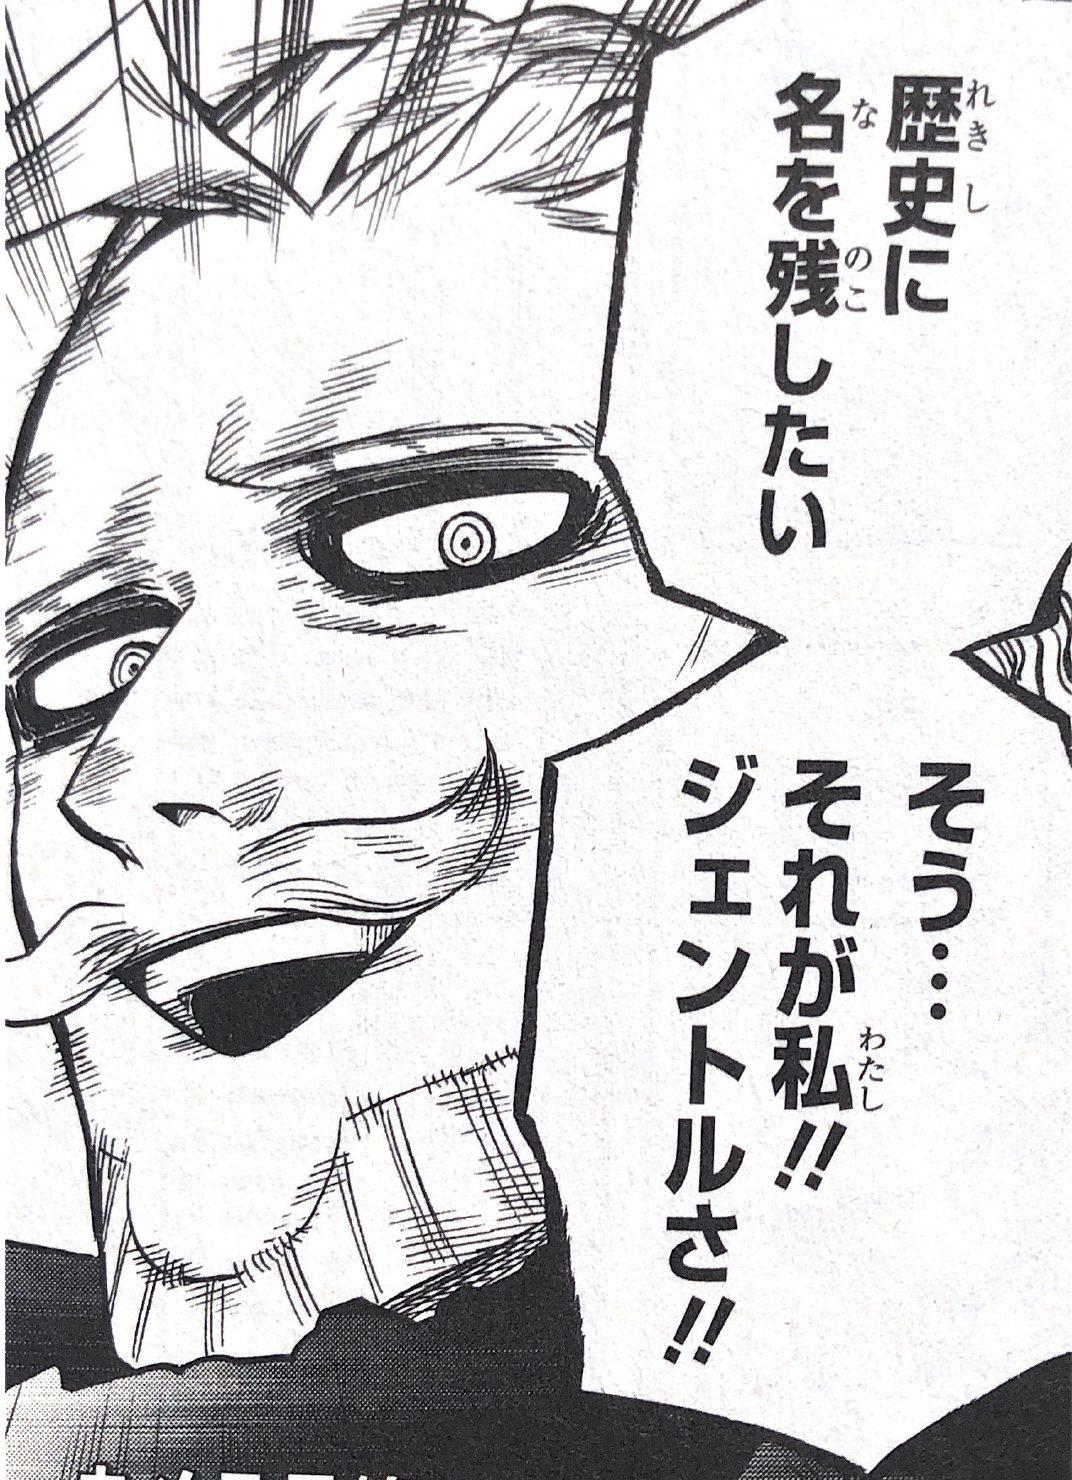 山寺 宏一 ヒロアカ